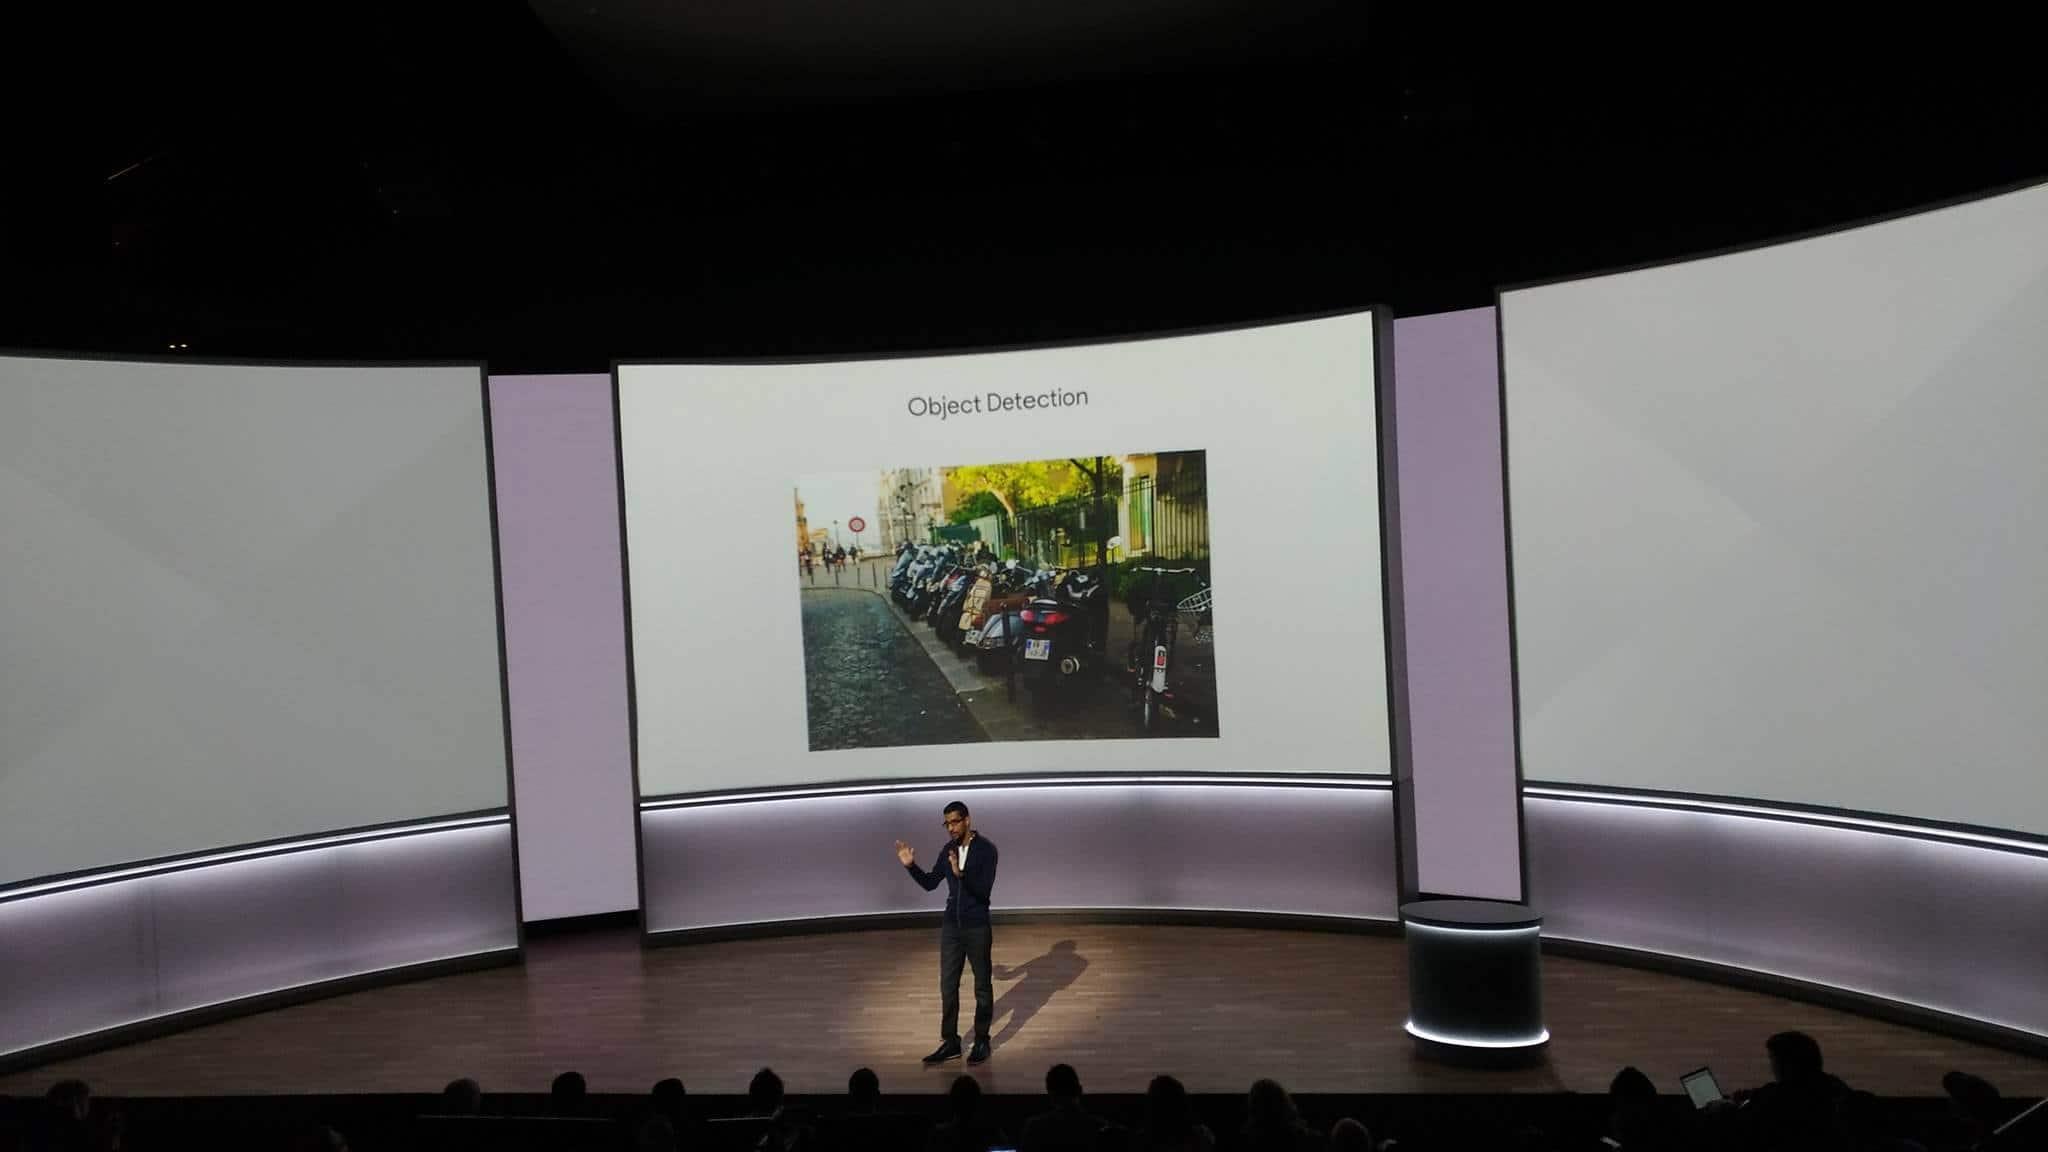 Google, Google Pixel 2 Launch, google pixel live updates, google live, pixel 2 live, sundar pichai, Pixel 2 Launch, Pixel 2 XL, Pixel 2 Event, Pixel 2 Launch Date, Pixel 2 Price in india, Pixel 2 Specifications, Pixel 2 vs iPhone 8, Pixel 2 XL live stream